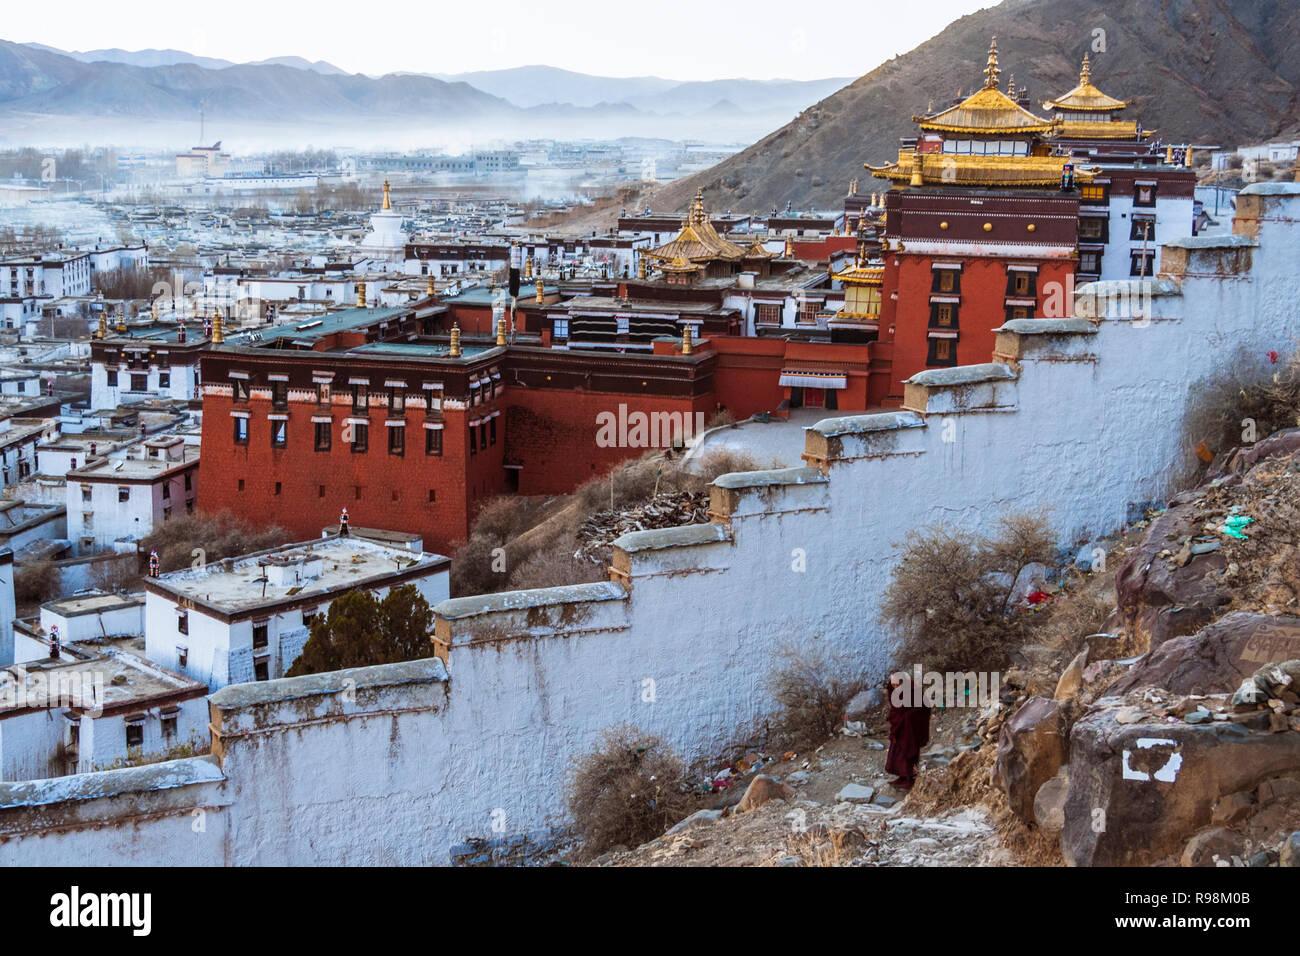 Shigatse, regione autonoma del Tibet, Cina : un monaco buddista a piedi fuori le mura del monastero di Tashi Lhunpo monastero, la sede tradizionale del Panchen Lama Immagini Stock